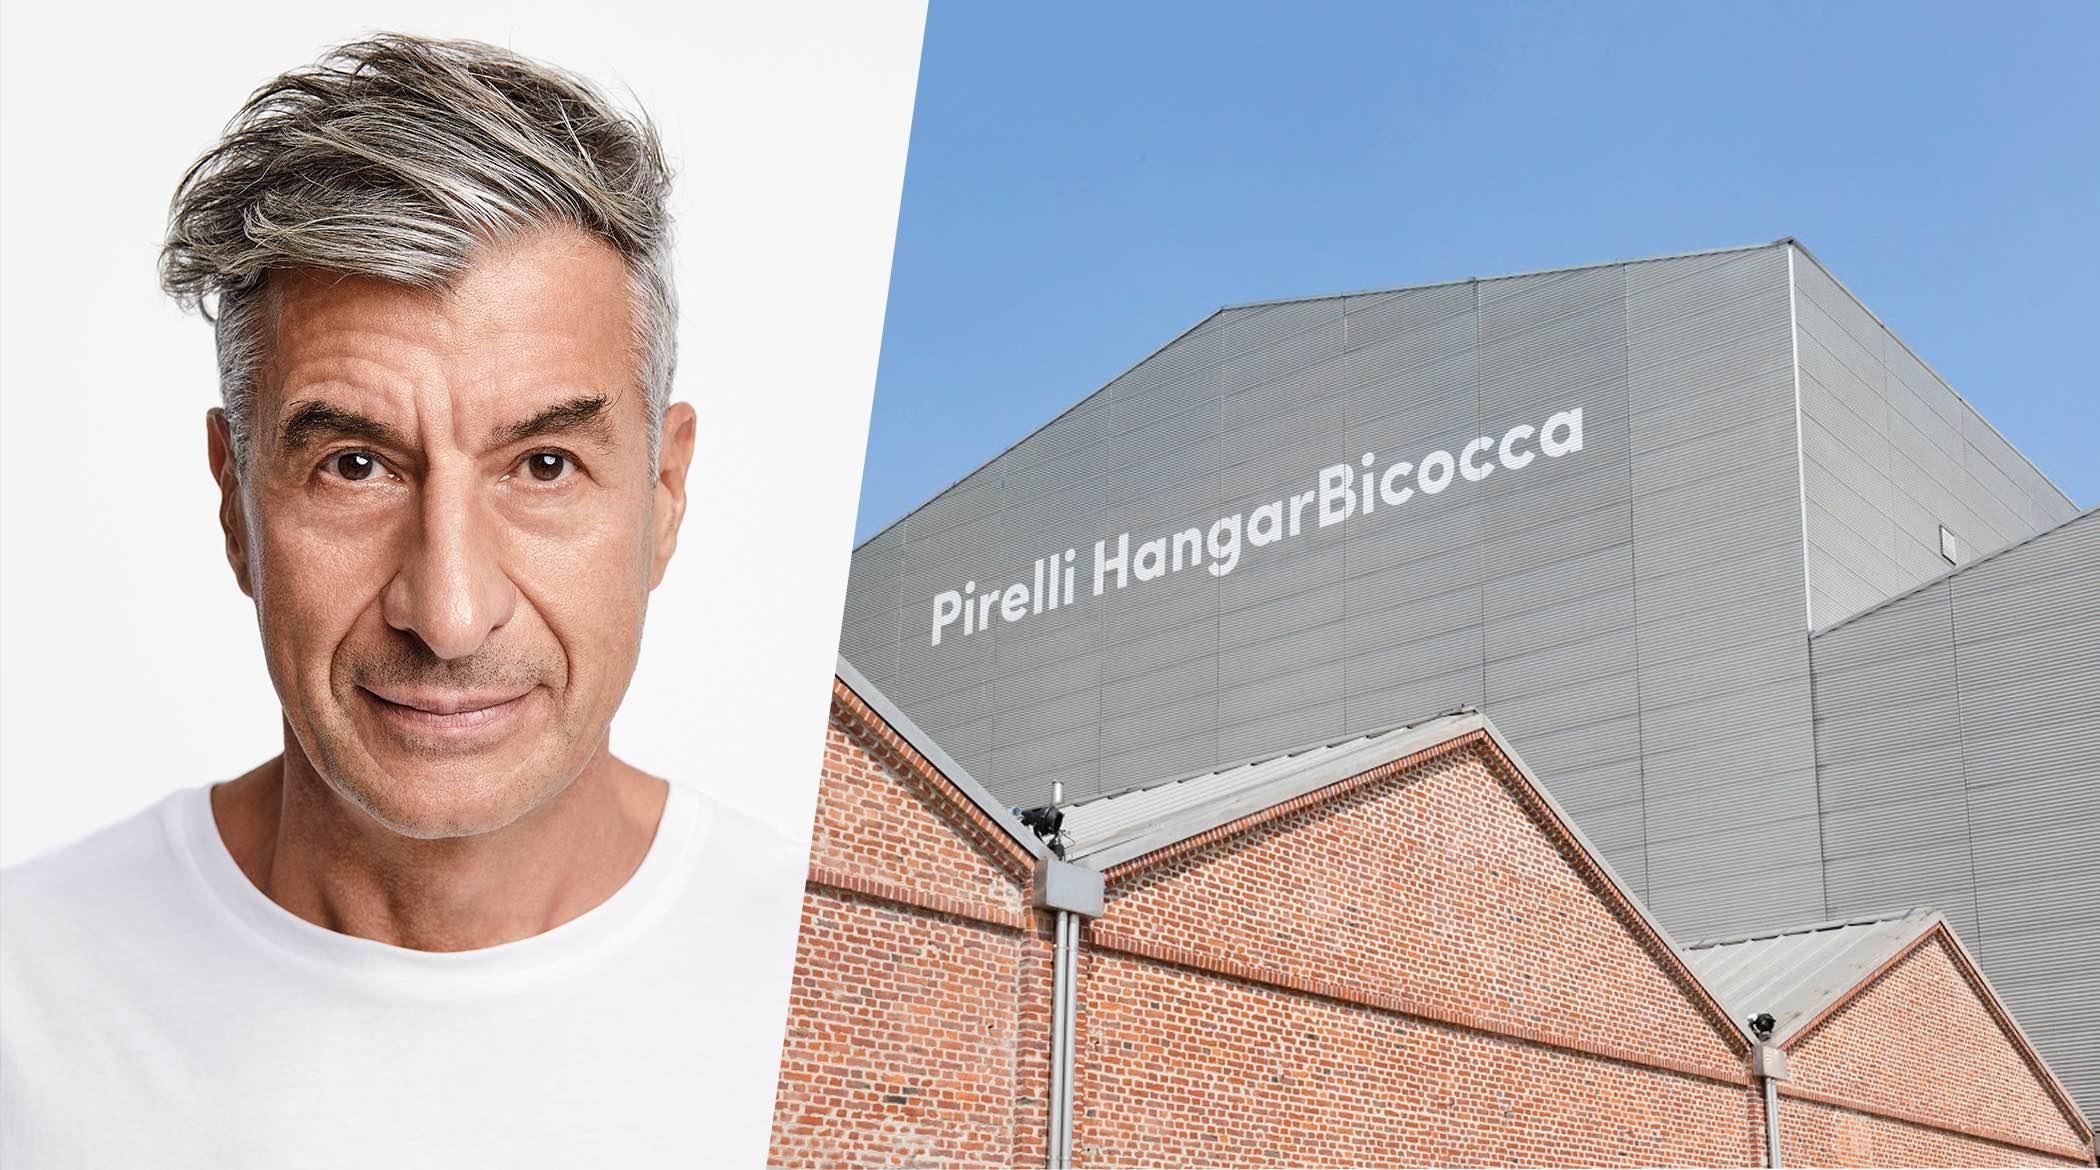 Cattelan Hangar; hangar bicocca; Milano